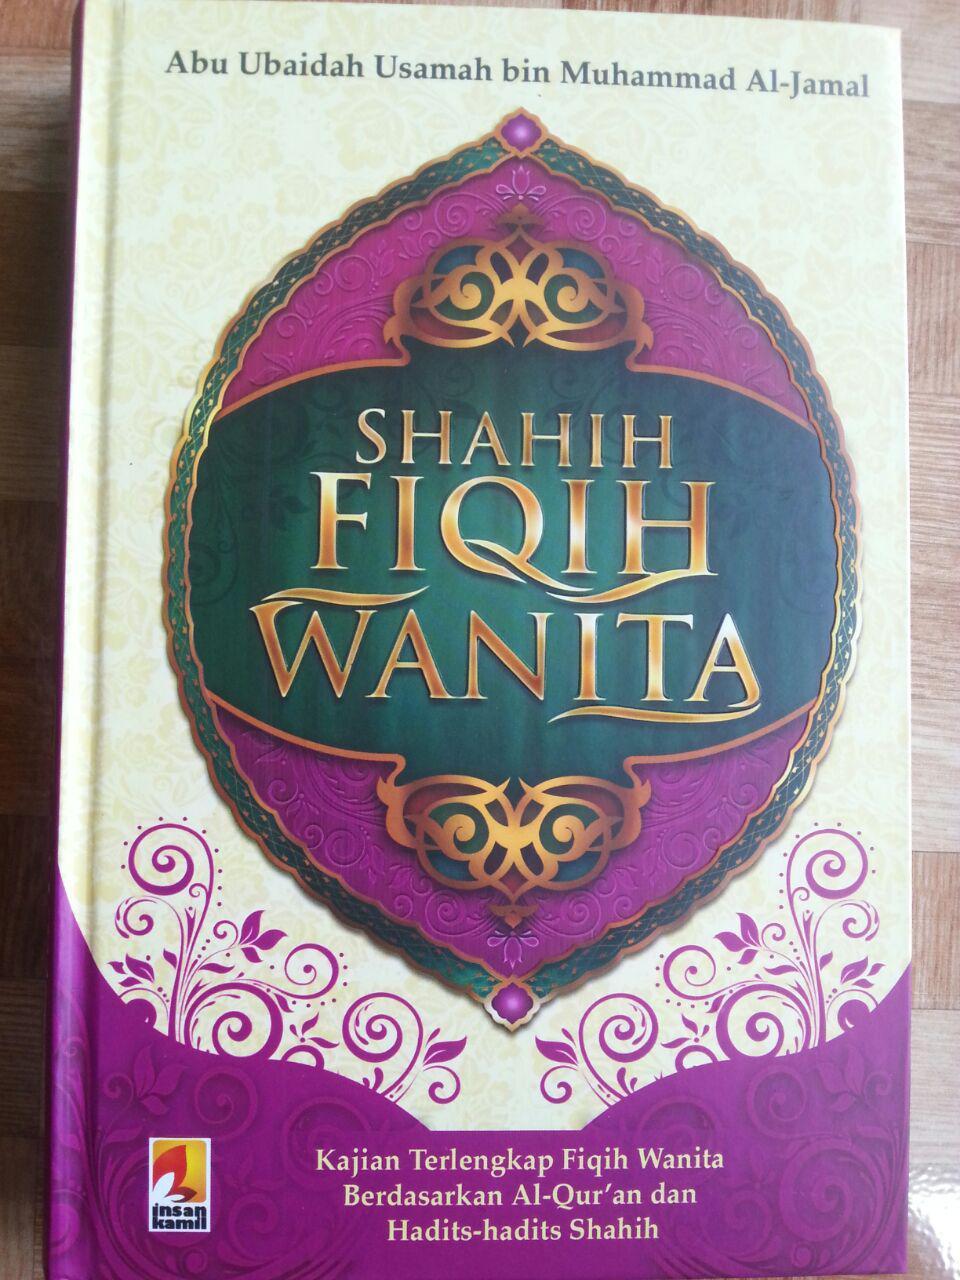 Buku Shahih Fiqih Wanita Syaikh Abu Ubaidah Usamah cover 2